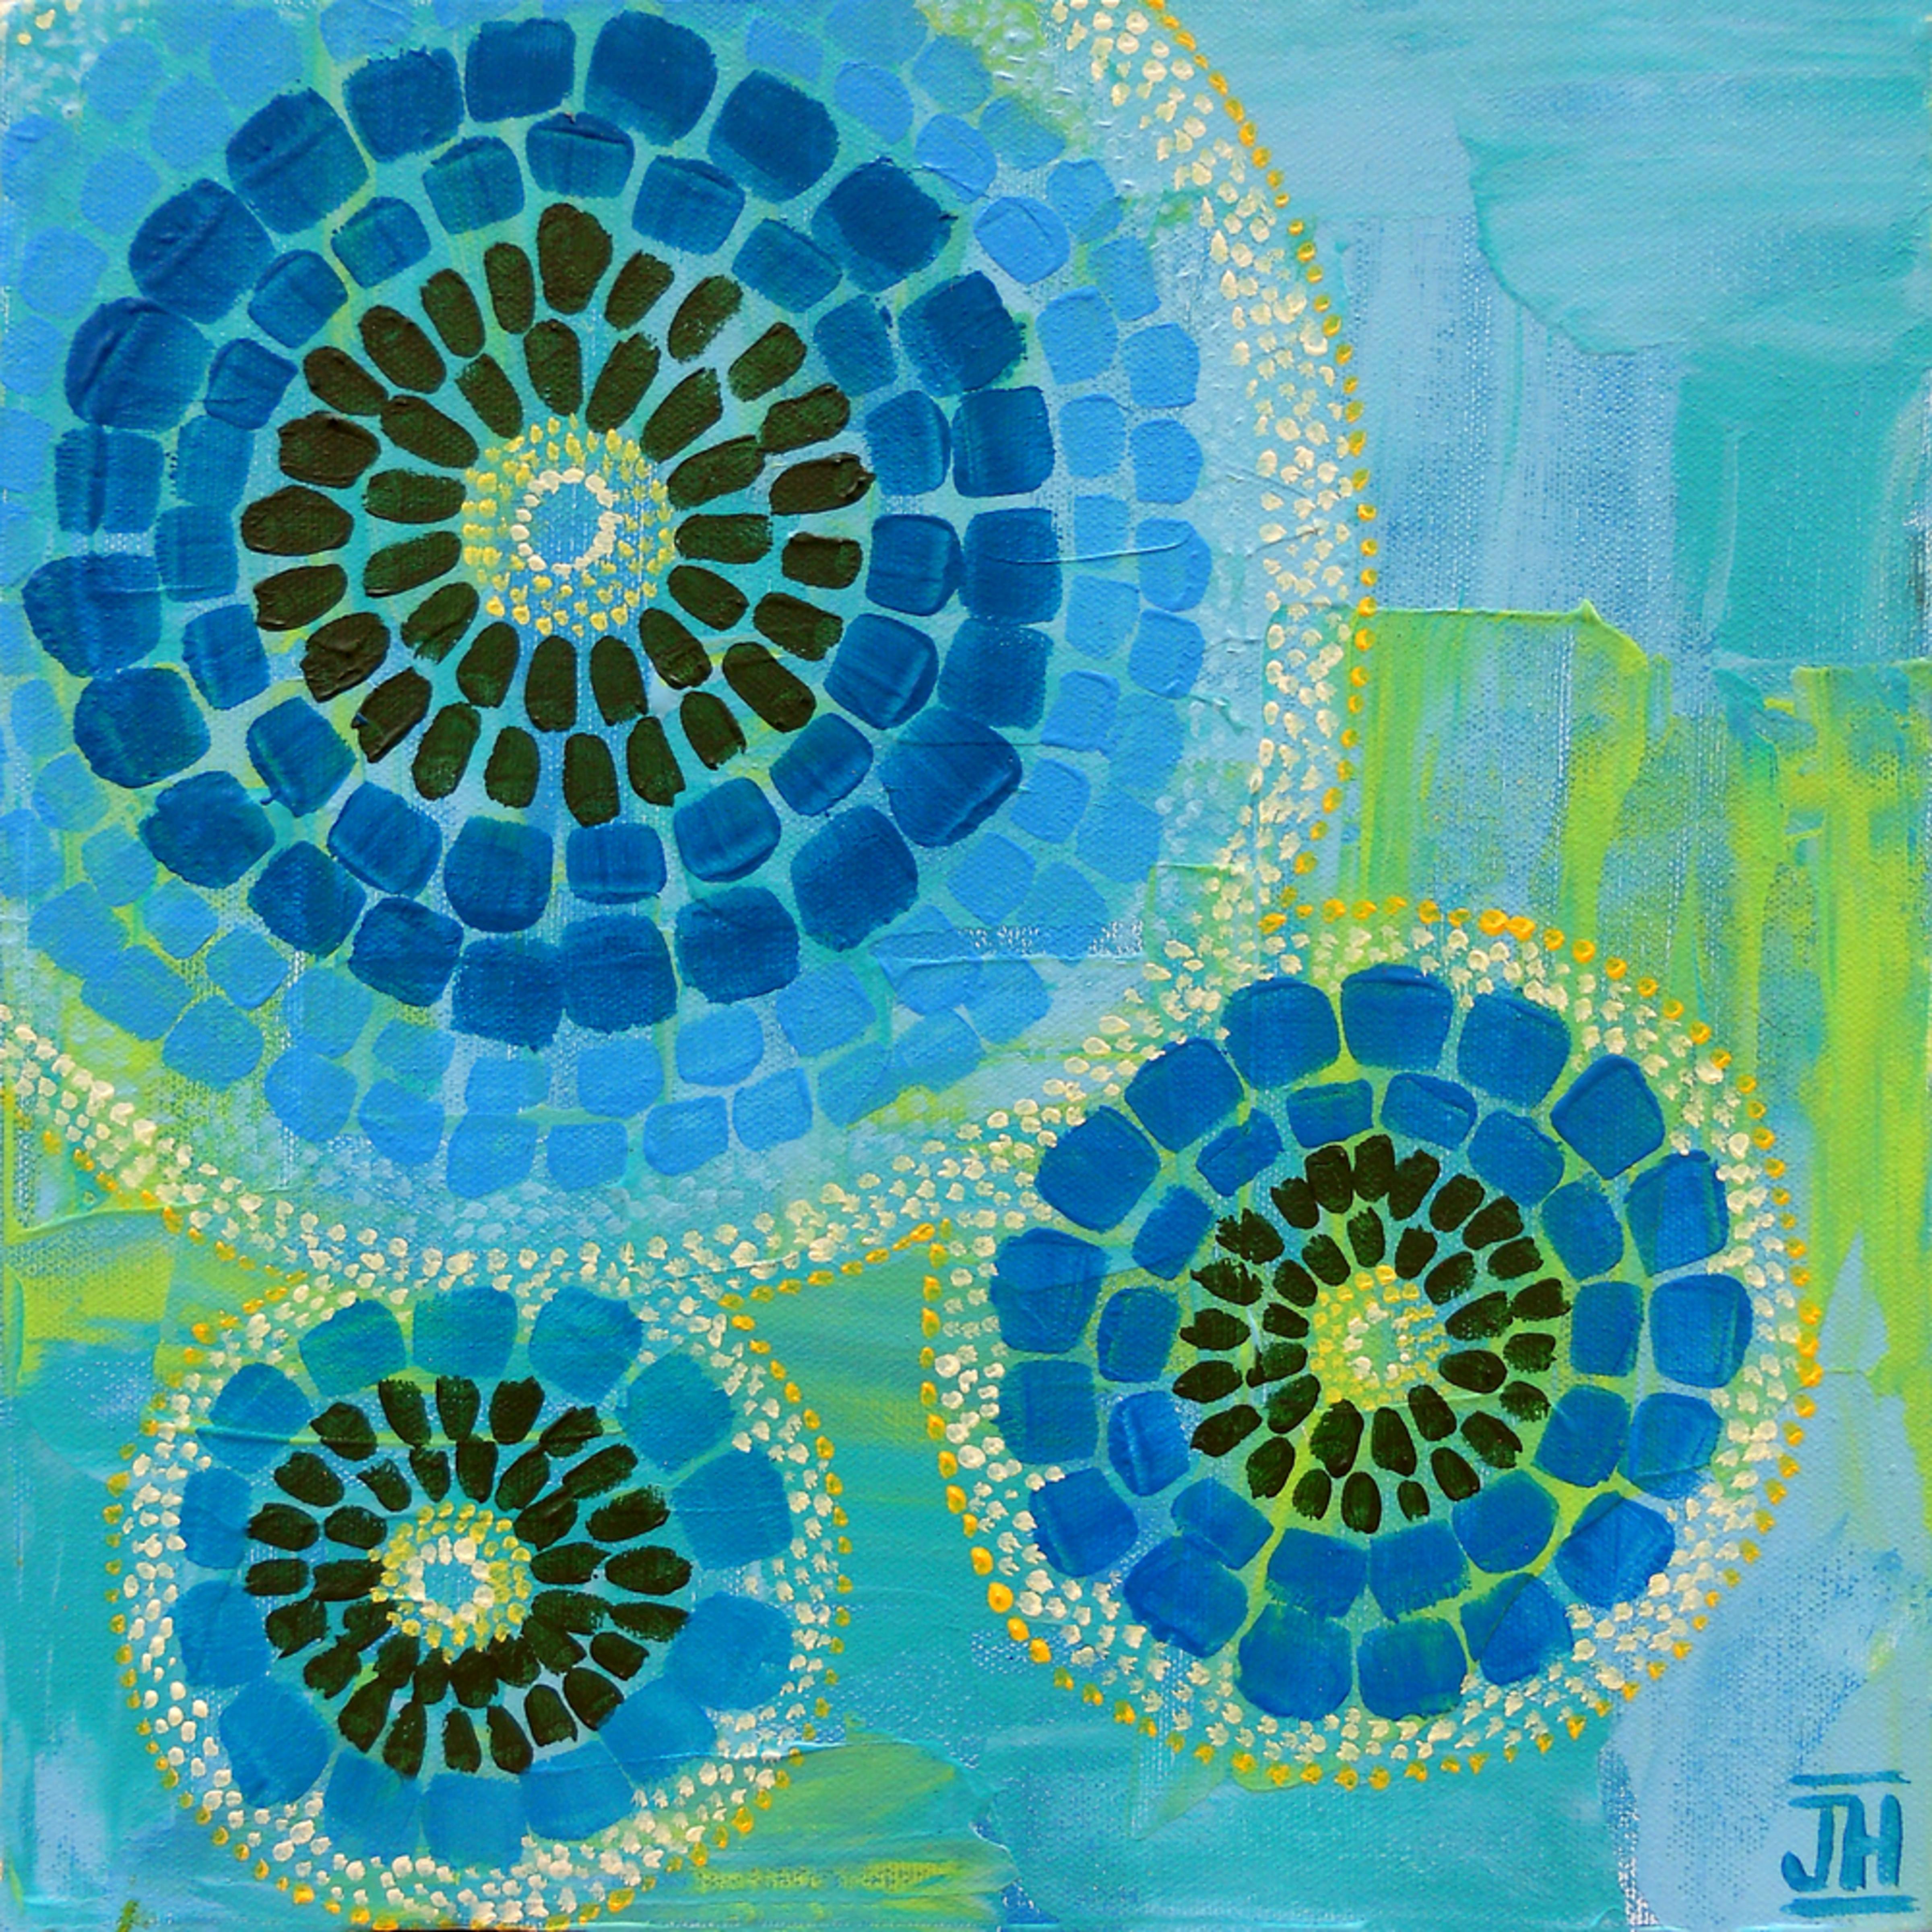 Kaleidoscope3 jhahn pjdjvs